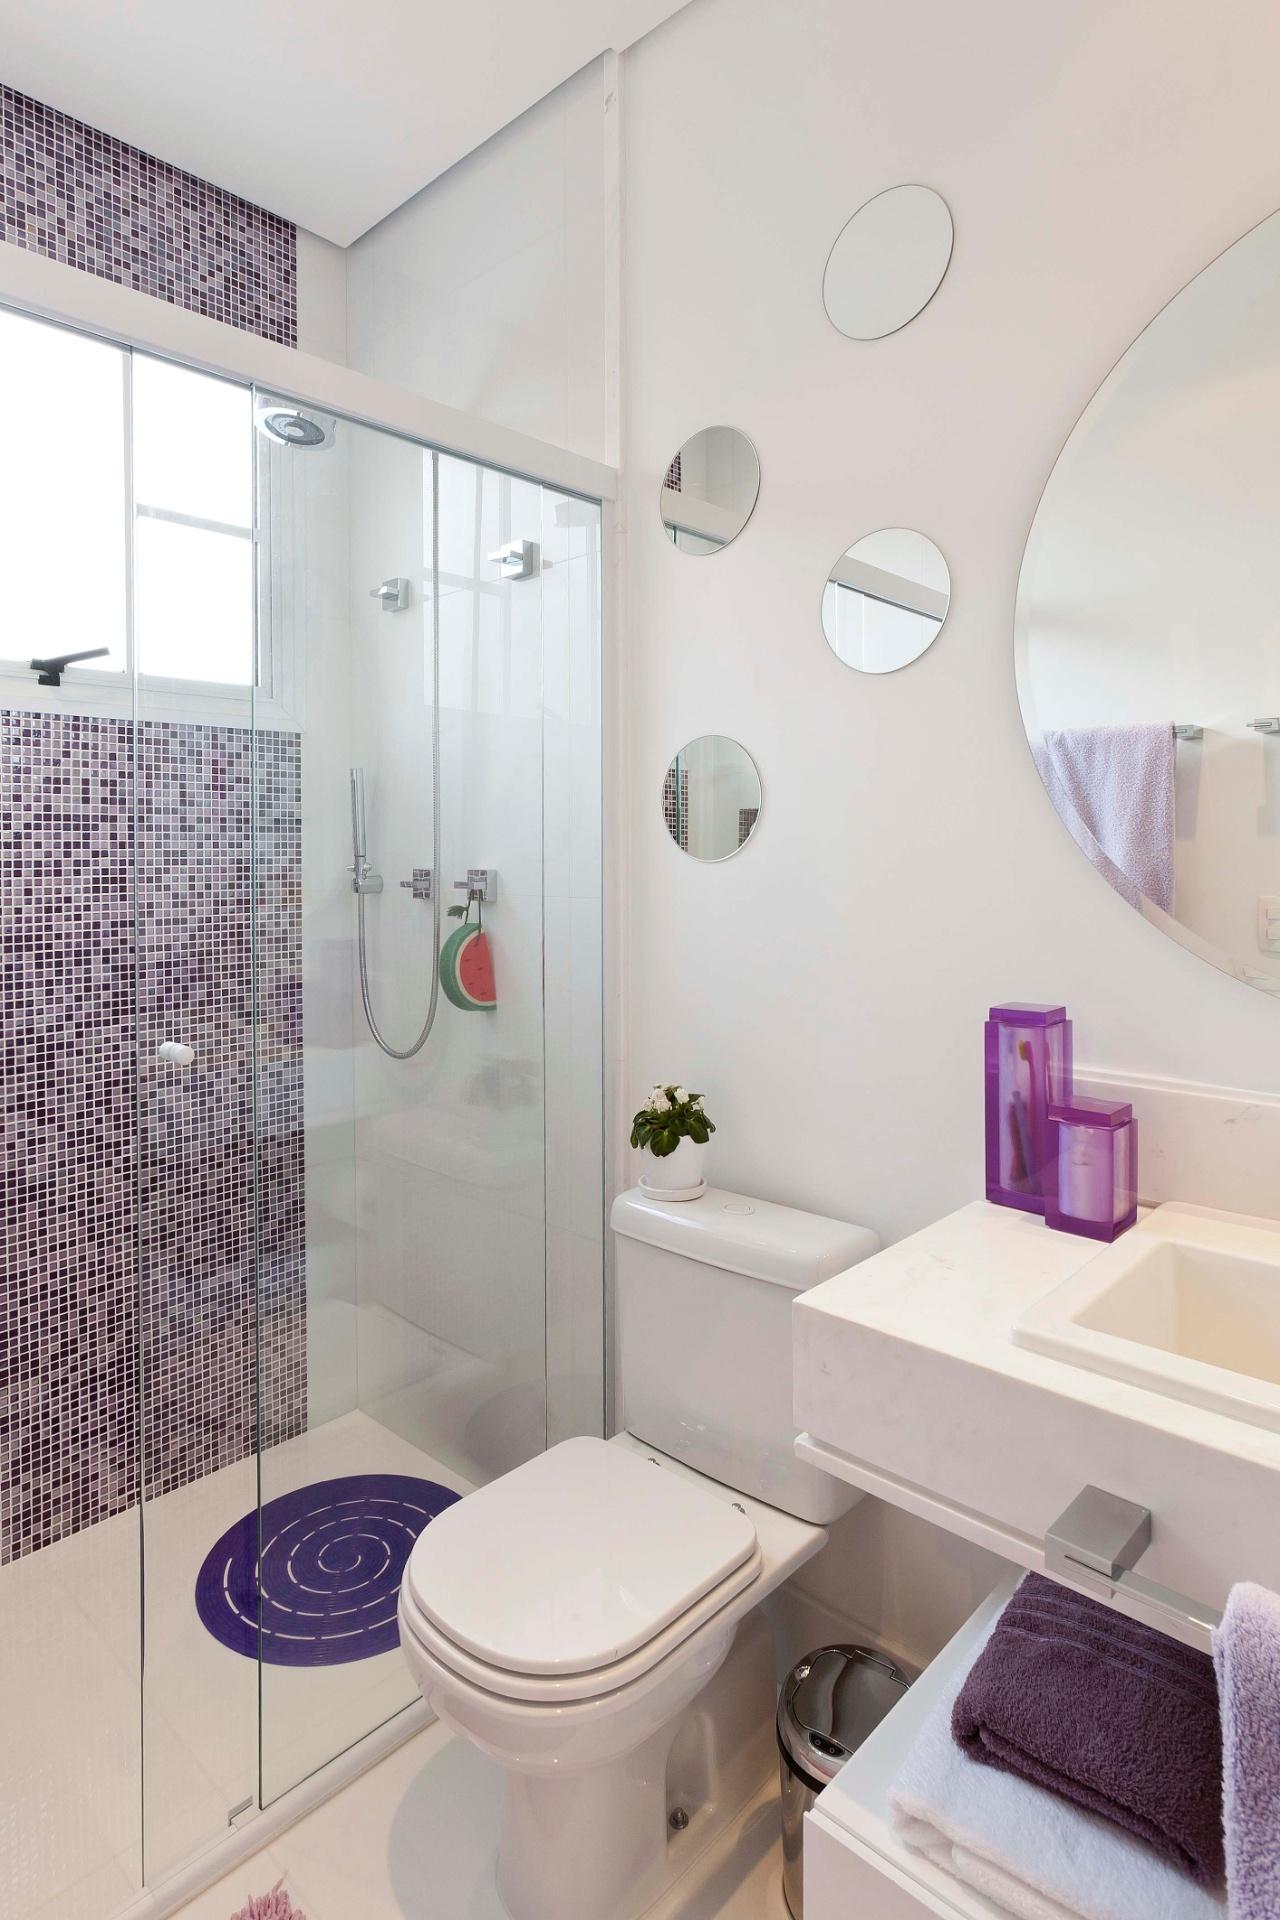 decoracao banheiro pastilhas : decoracao banheiro pastilhas:Banheiros pequenos: dicas de decoração para quem tem pouco espaço